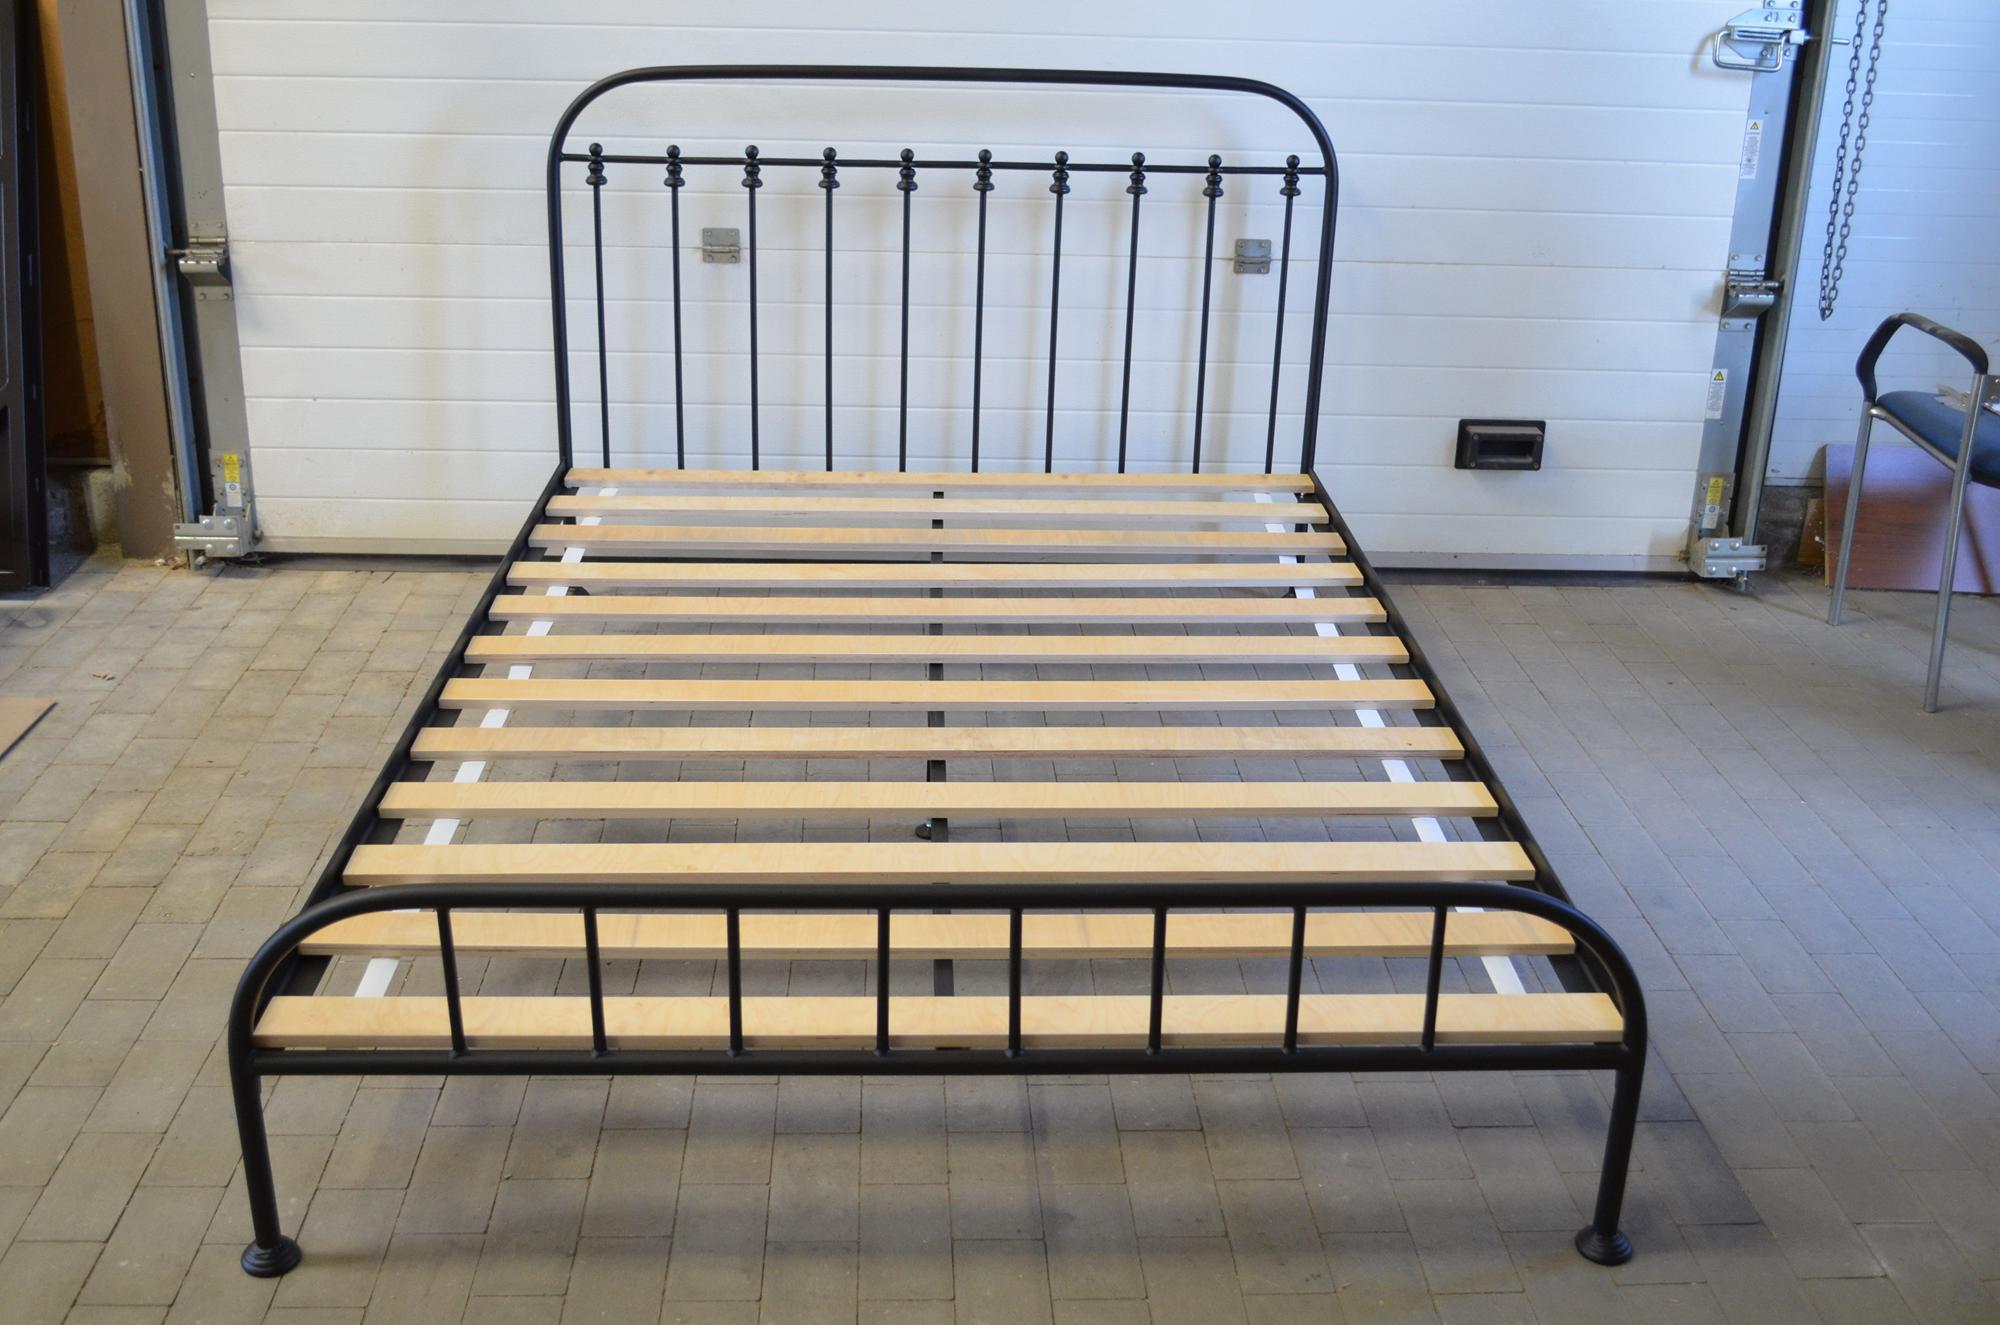 łóżko Metalowe Weroni 120x200 Ze Stelażem